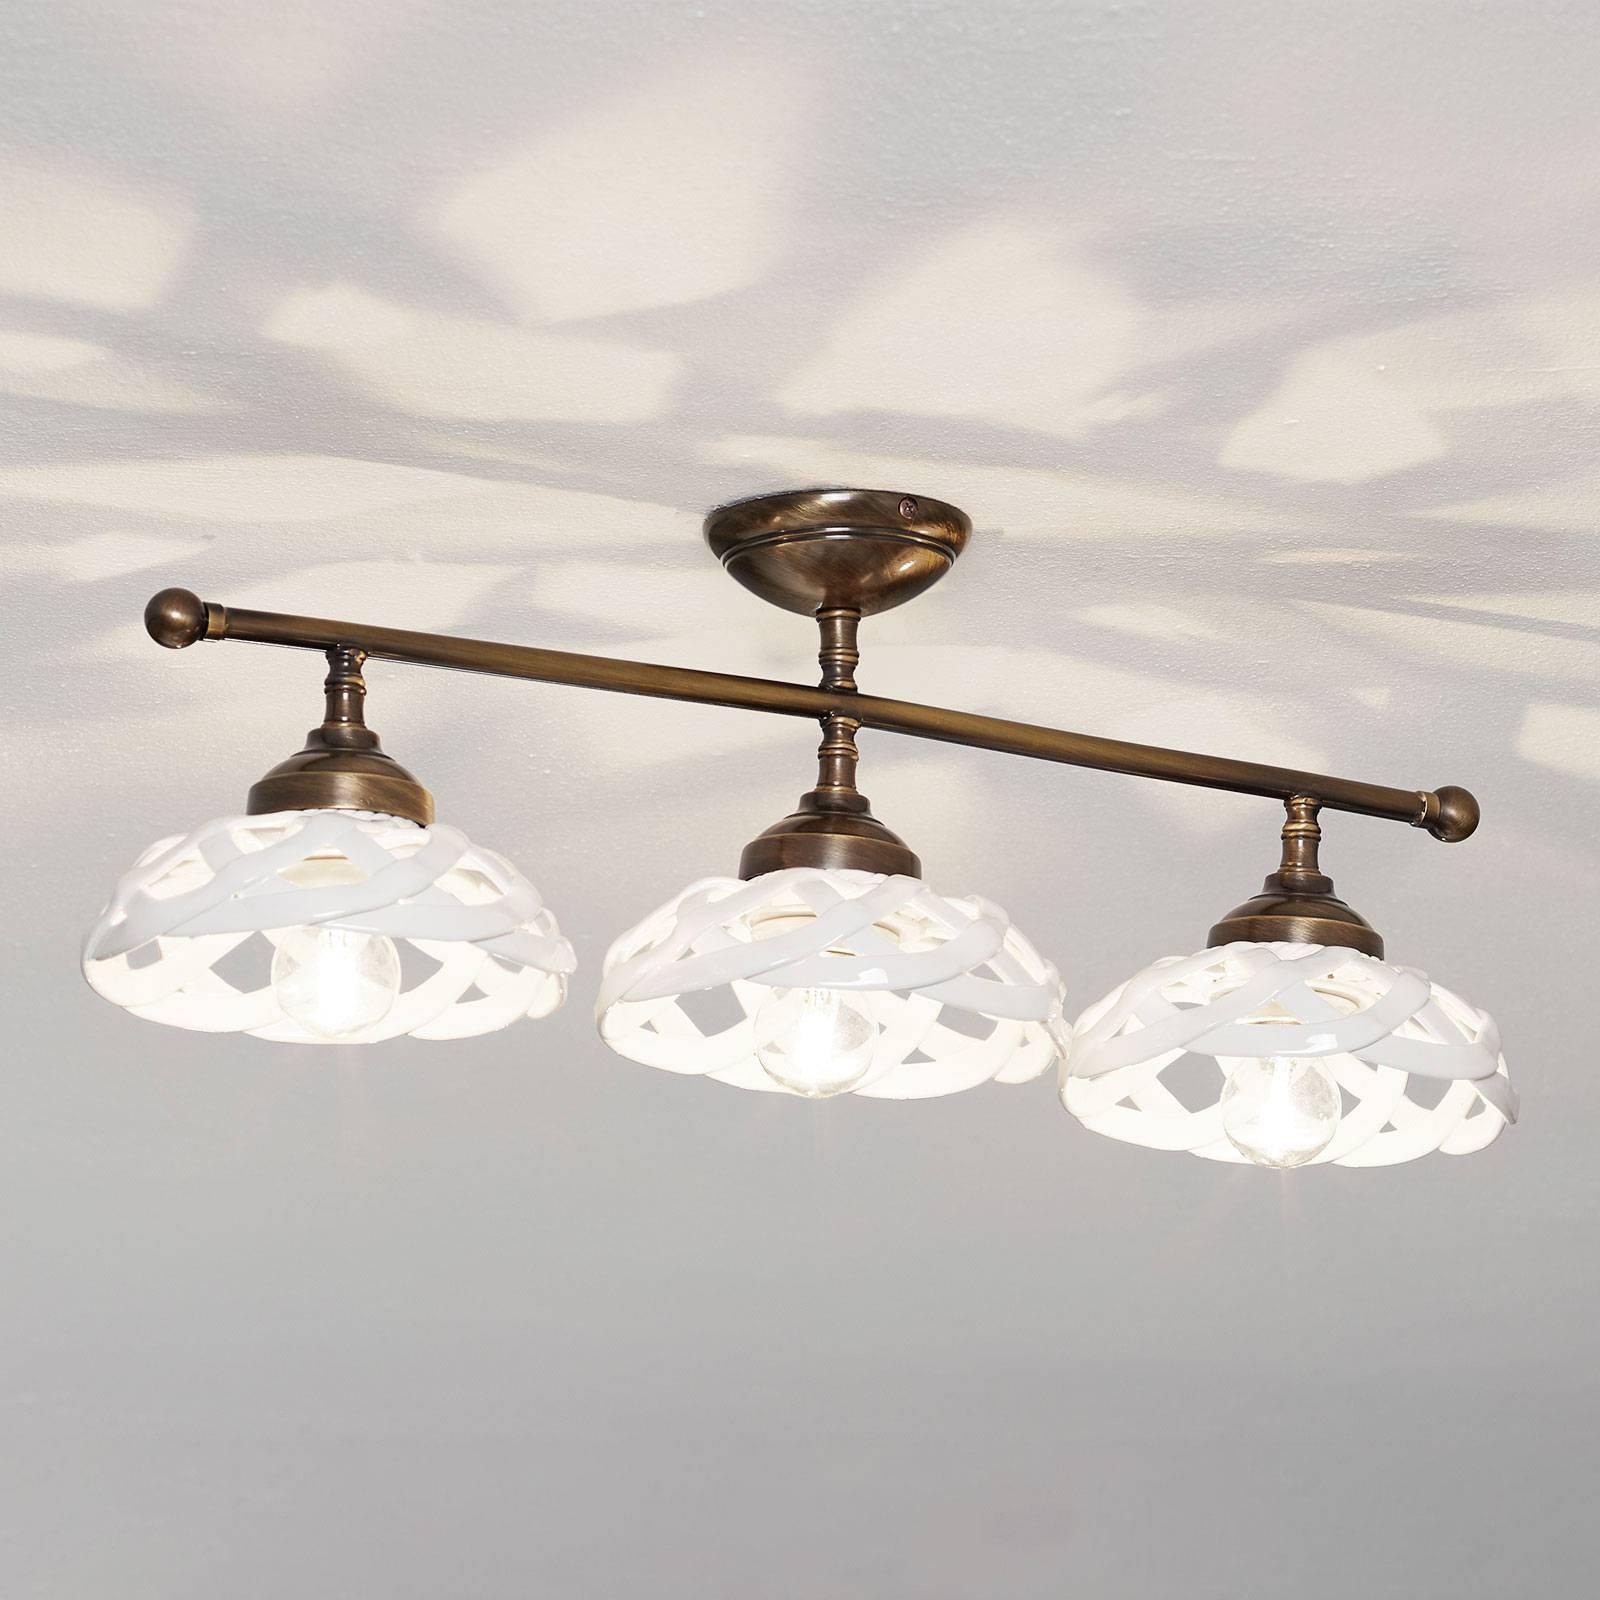 Plafondlamp Emanuel keramiek 3-lamps